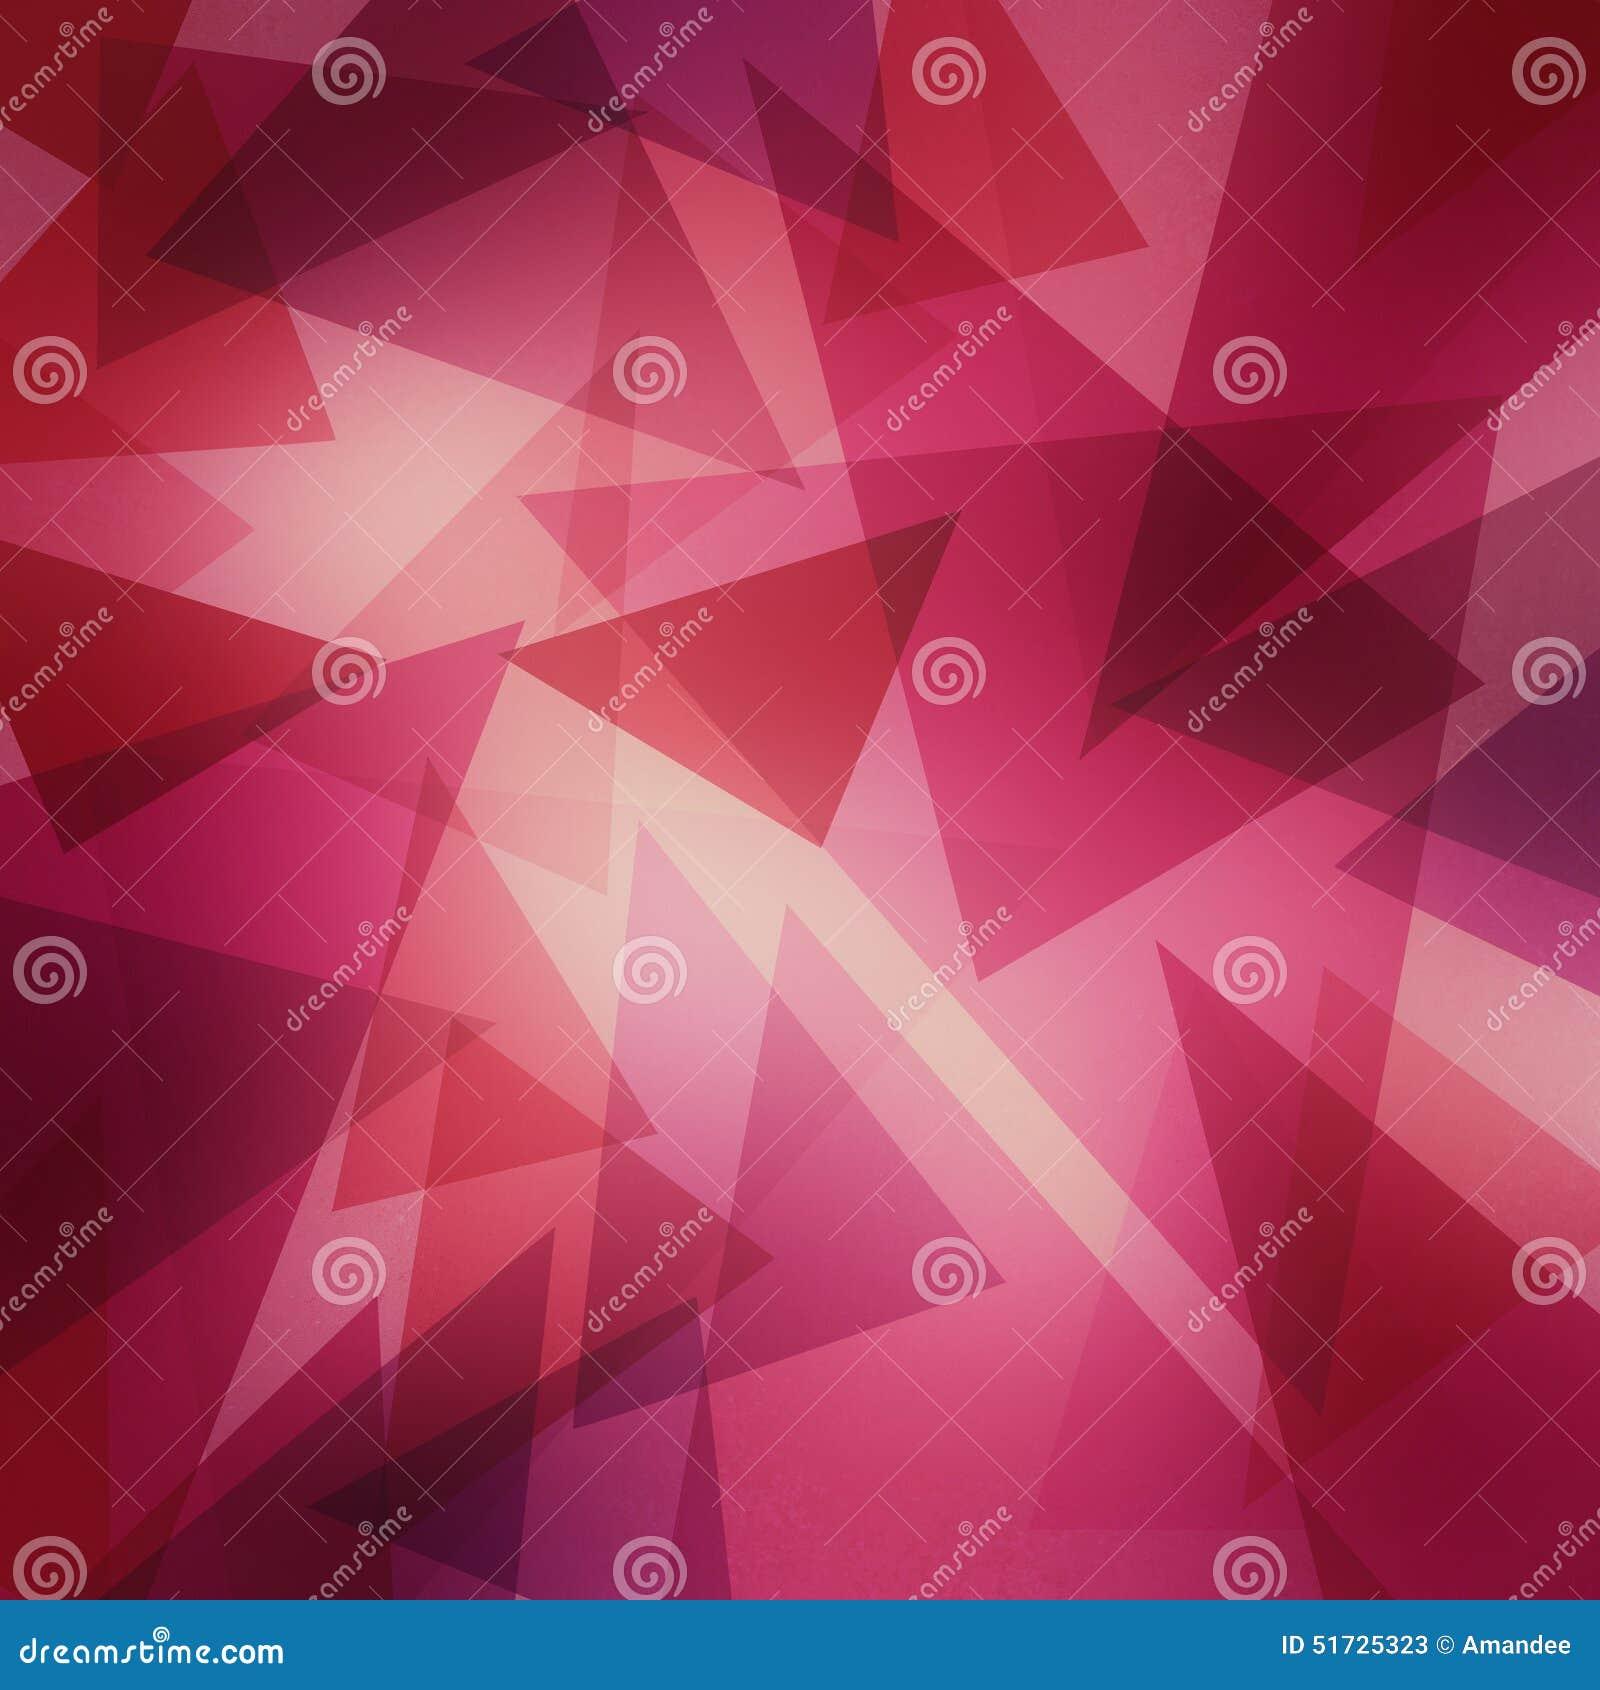 Modello rosa e porpora del triangolo stratificato estratto con il centro luminoso, progettazione del fondo di arte contemporanea